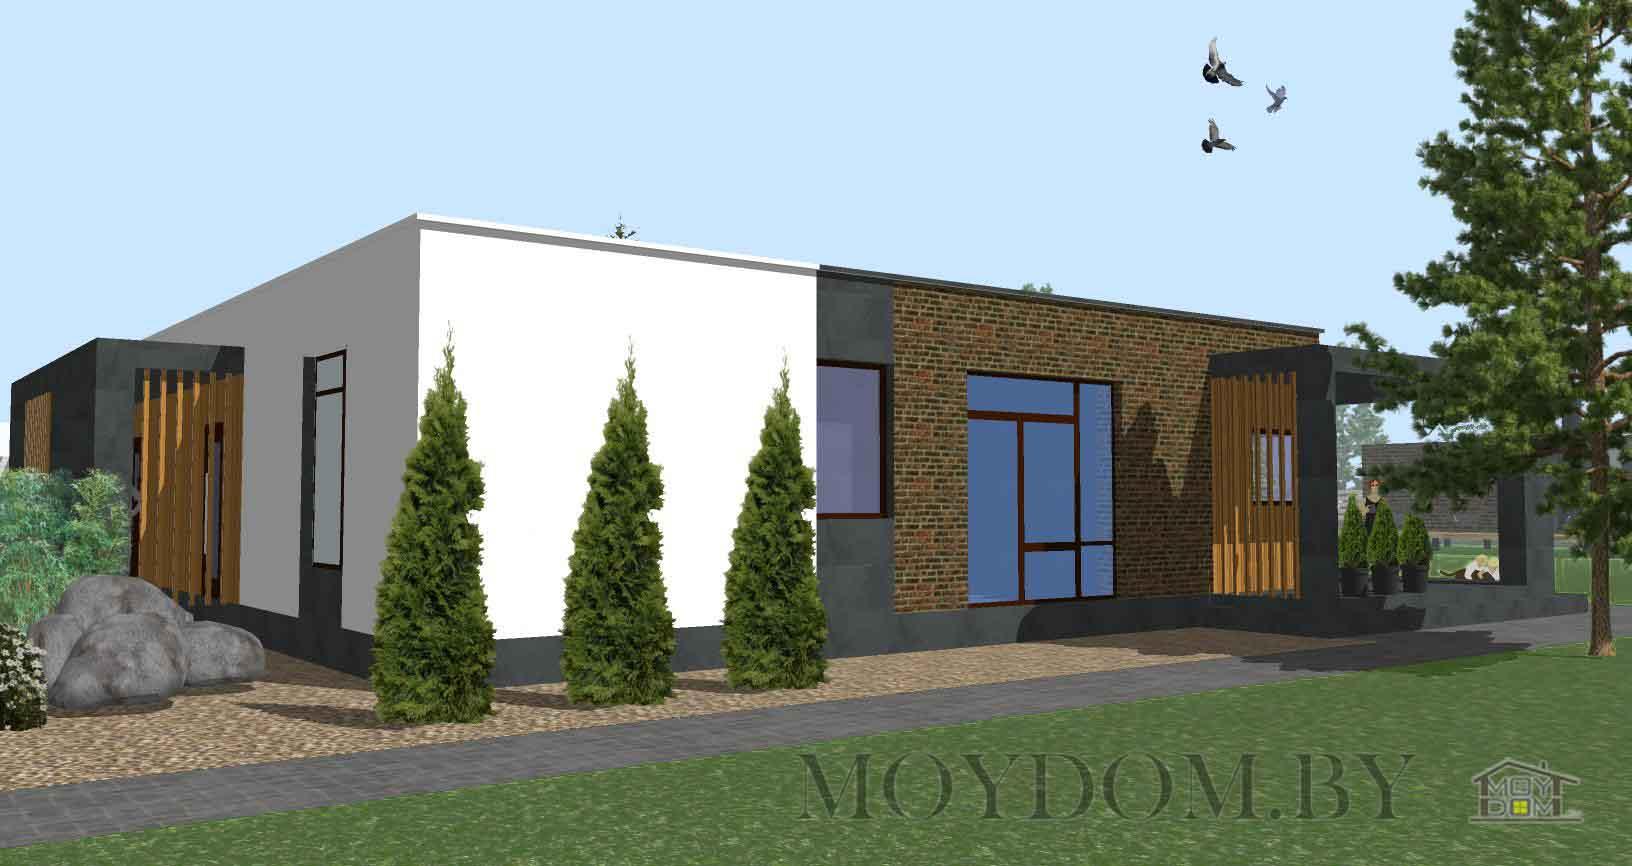 Проект одноэтажного современного дома 902 вид с плоской крышей и тремя спальнями